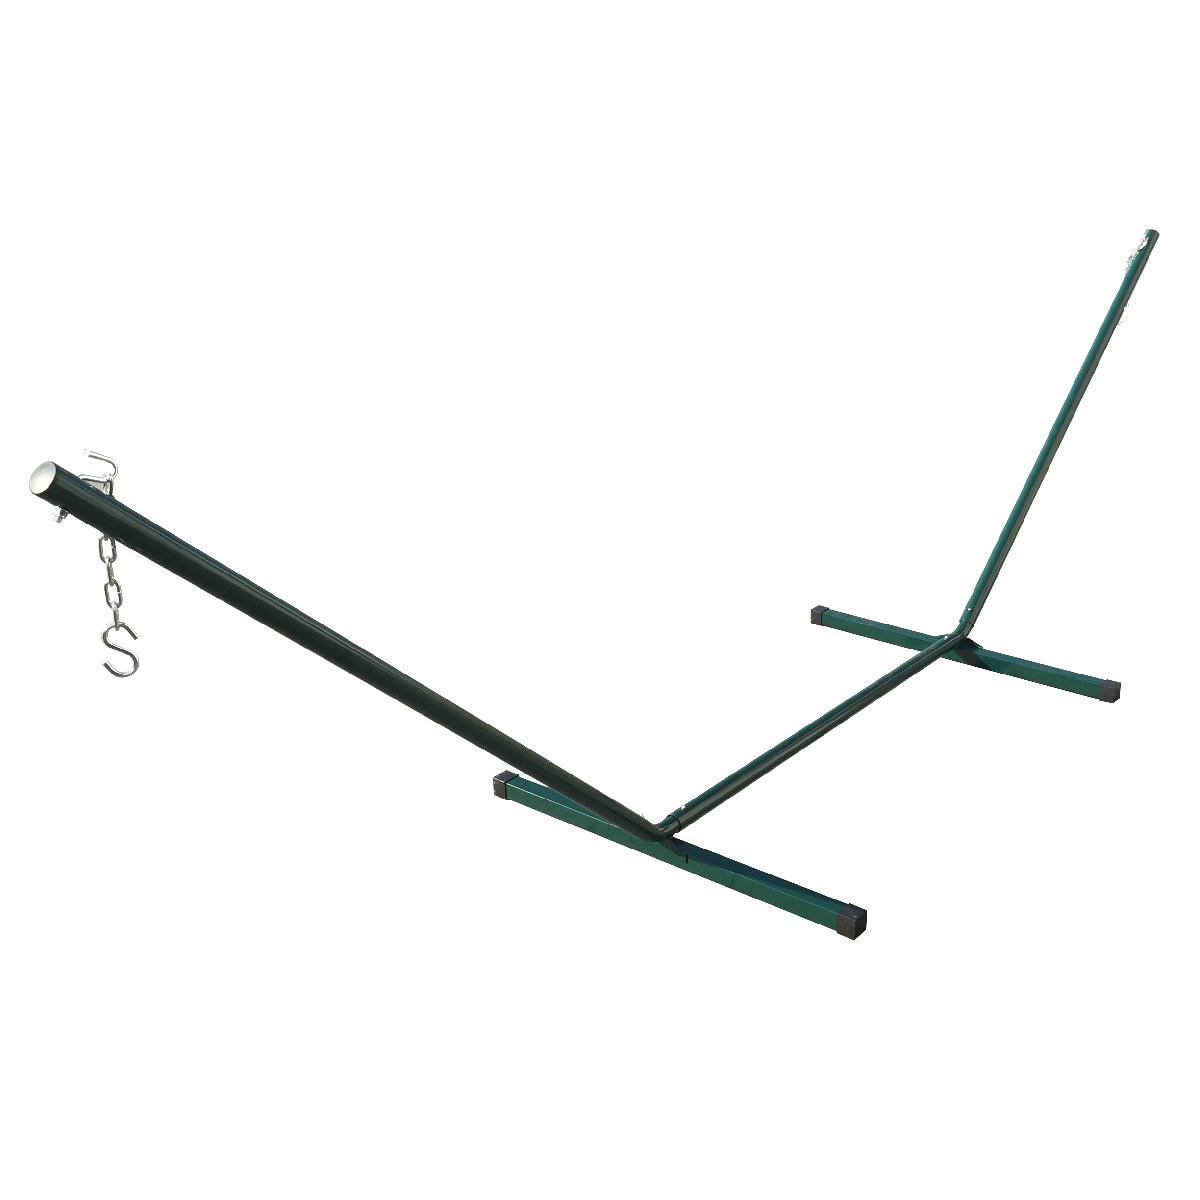 12 Feet Green Hammock Heavy Duty Metal Steel Frame